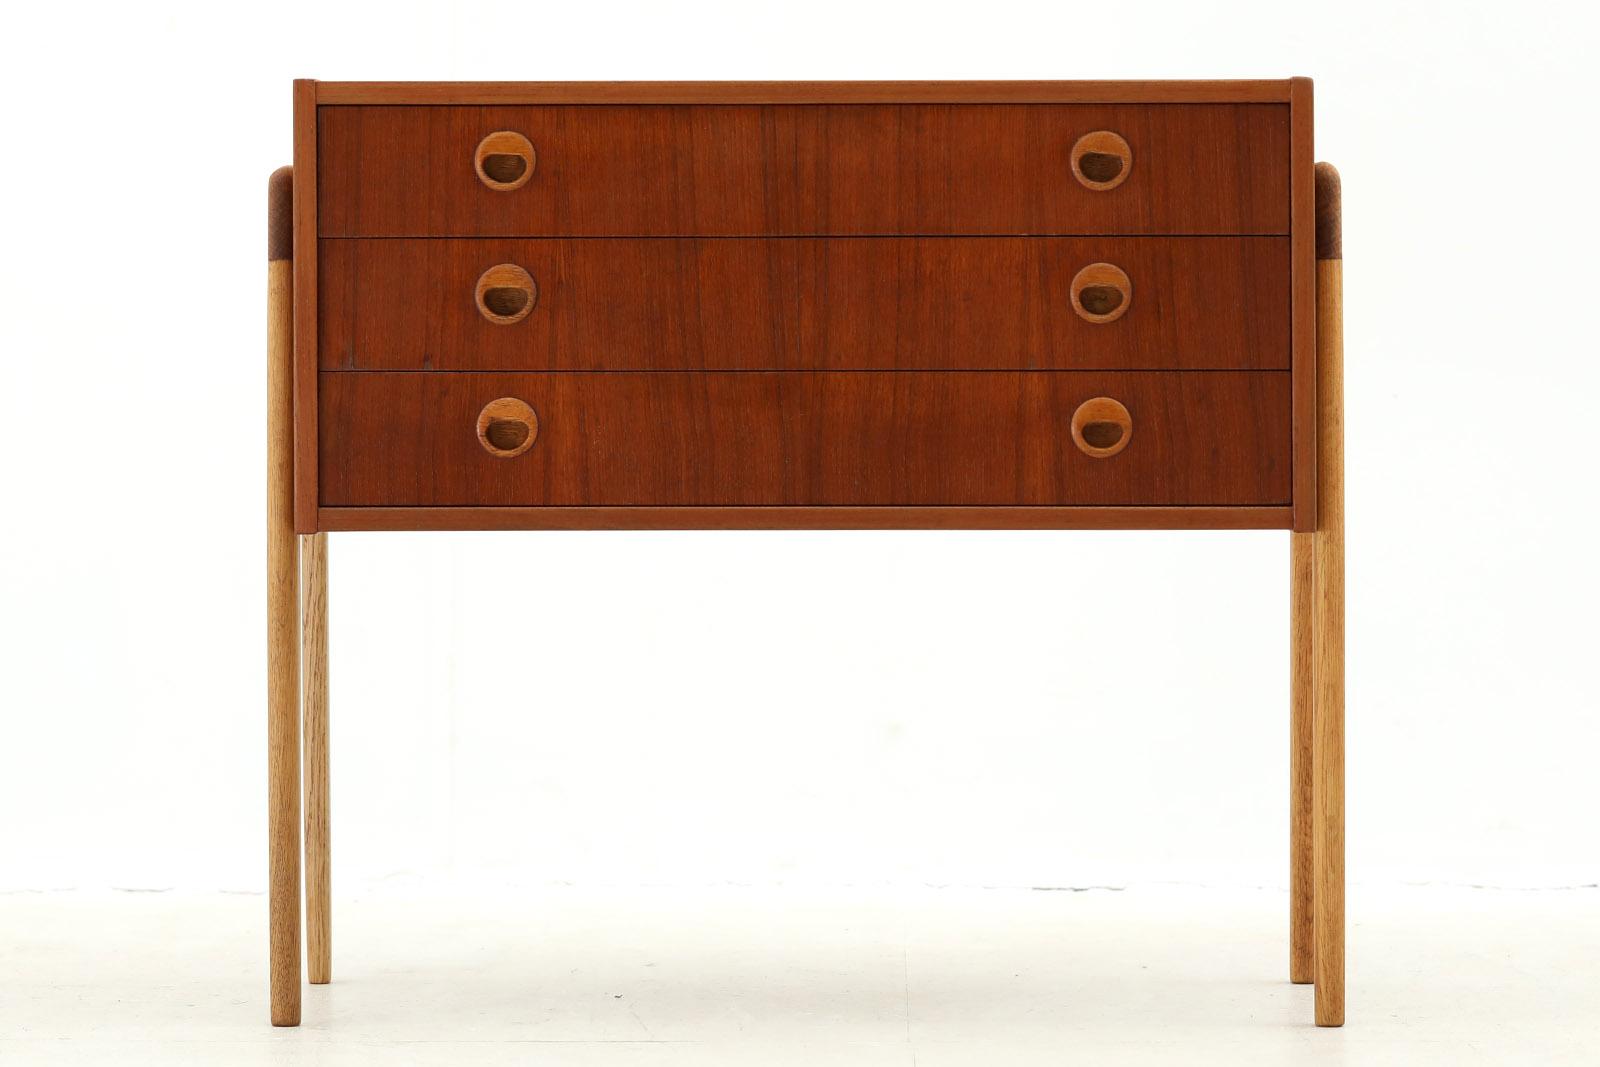 スウェーデン製 可愛いデザインの3段チェスト チーク×オーク材 北欧家具ビンテージ/DK10137